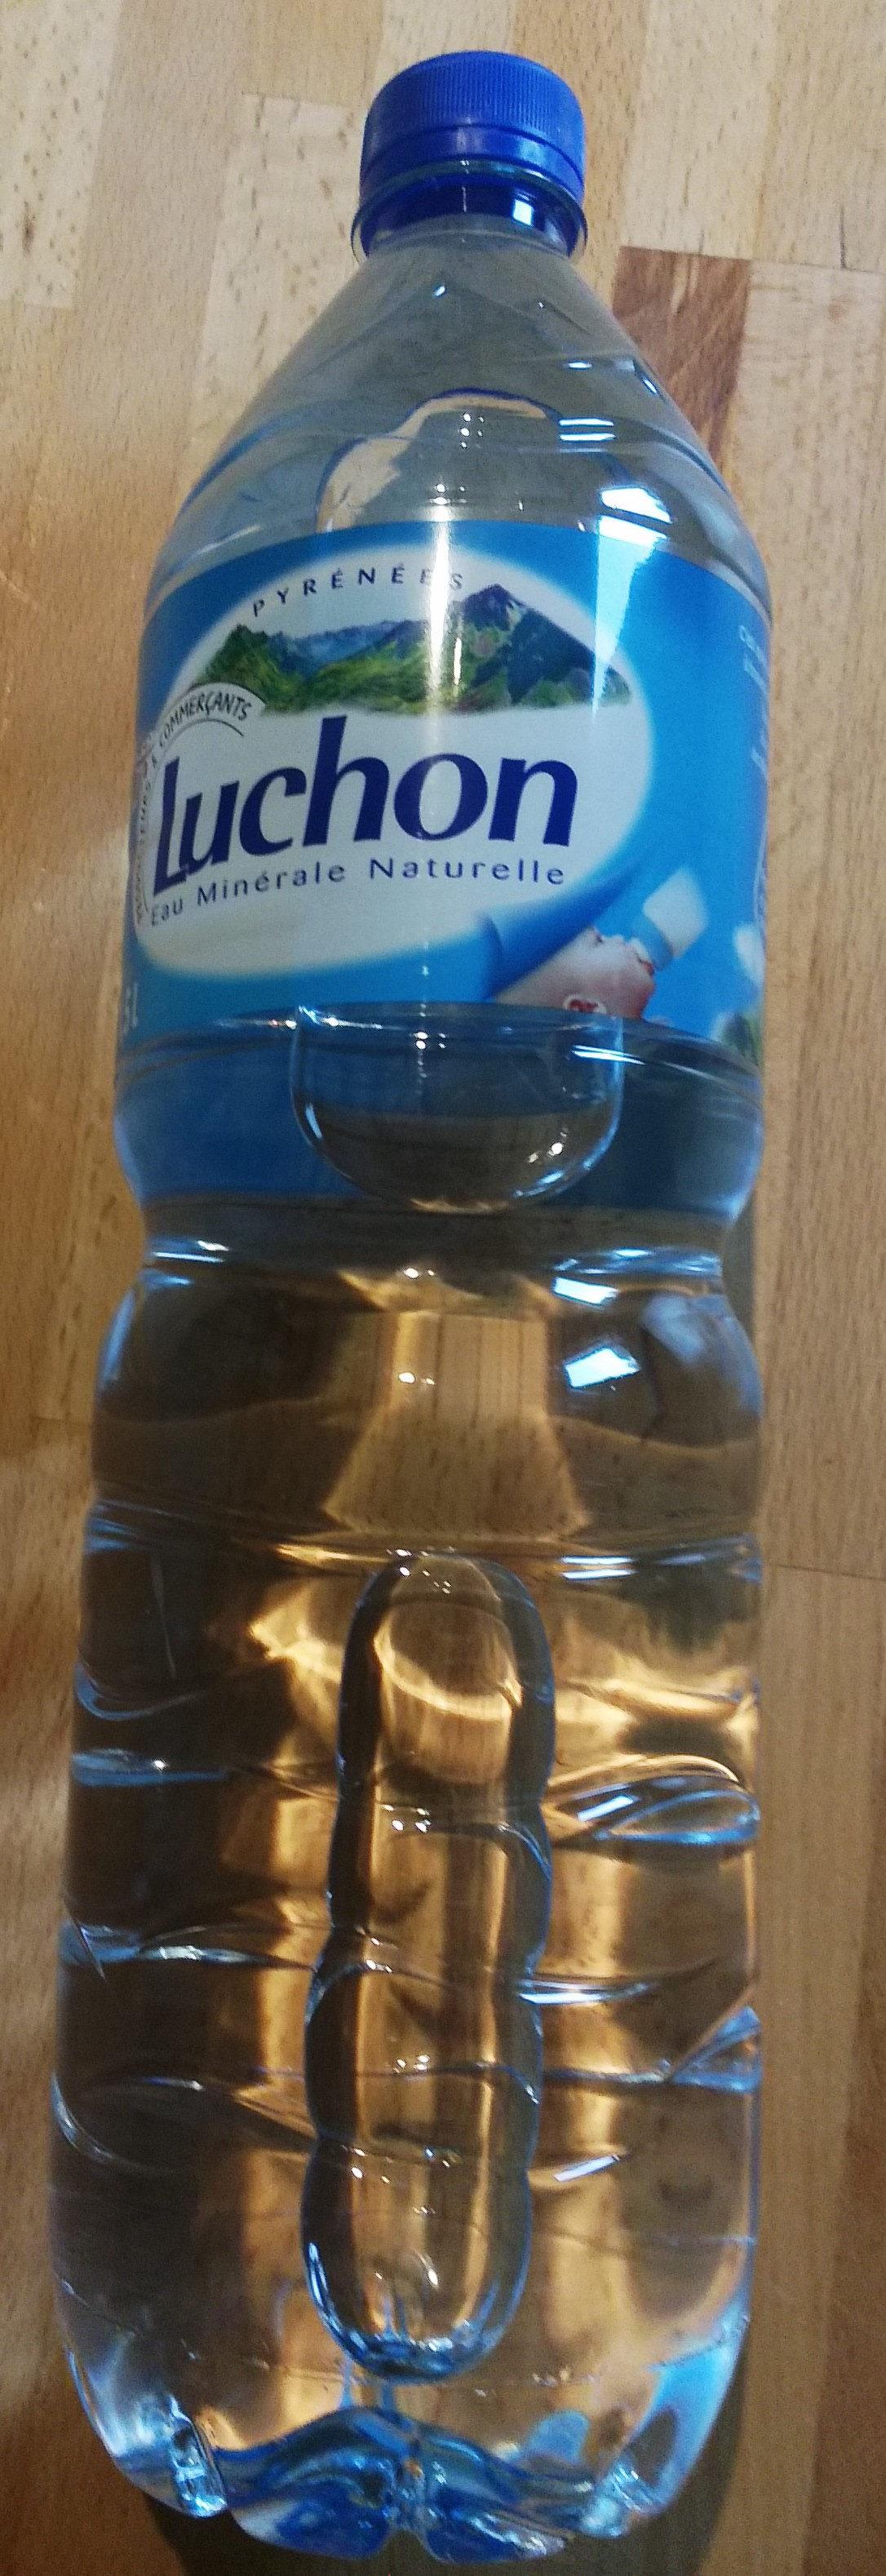 Eau minérale naturelle 1,5L - Produit - fr